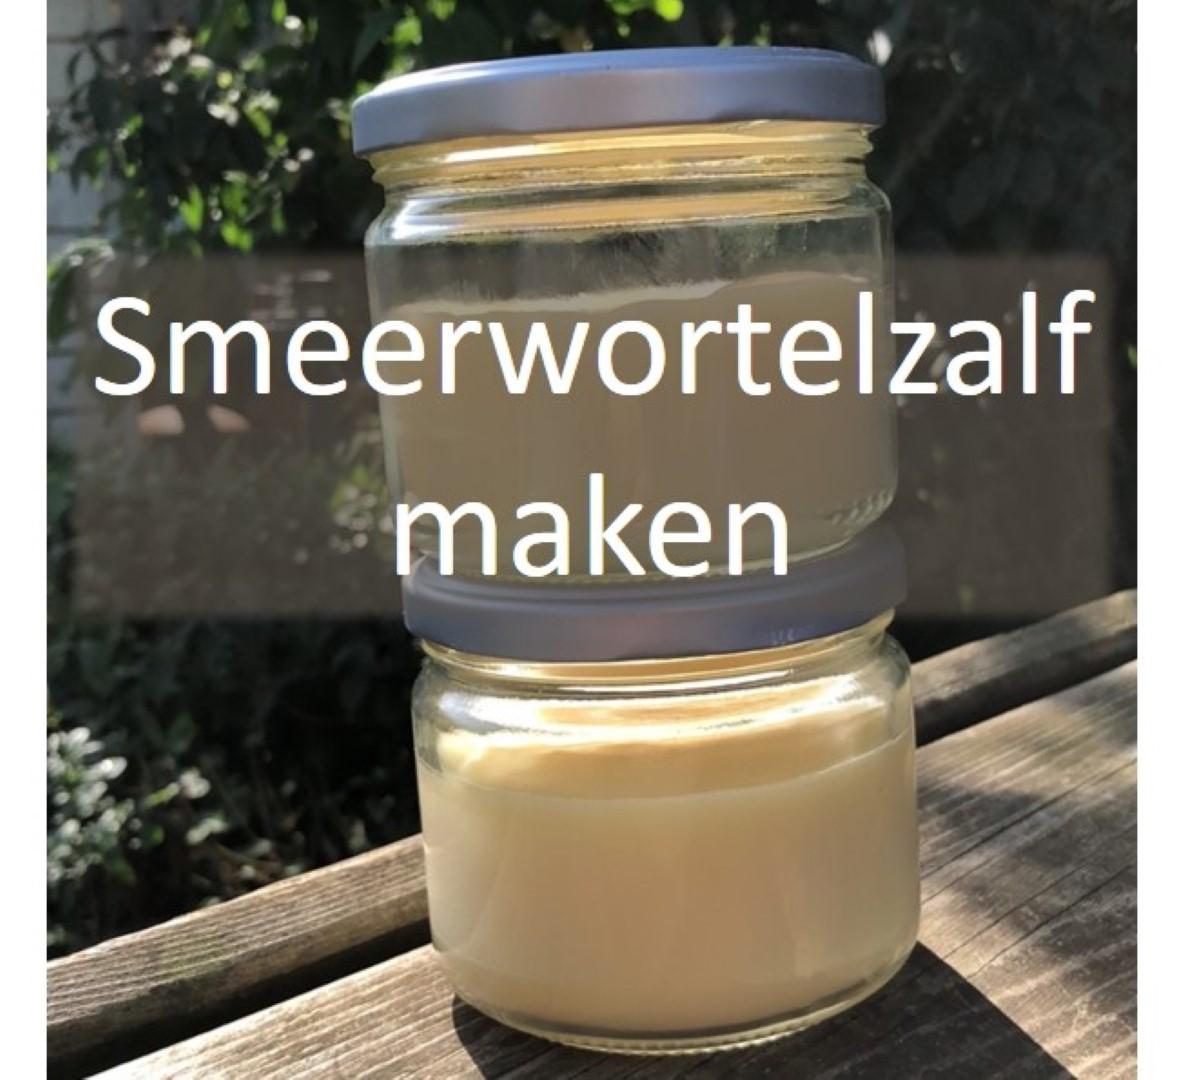 smeerwortelzalf maken recept moestuin smeerwortel